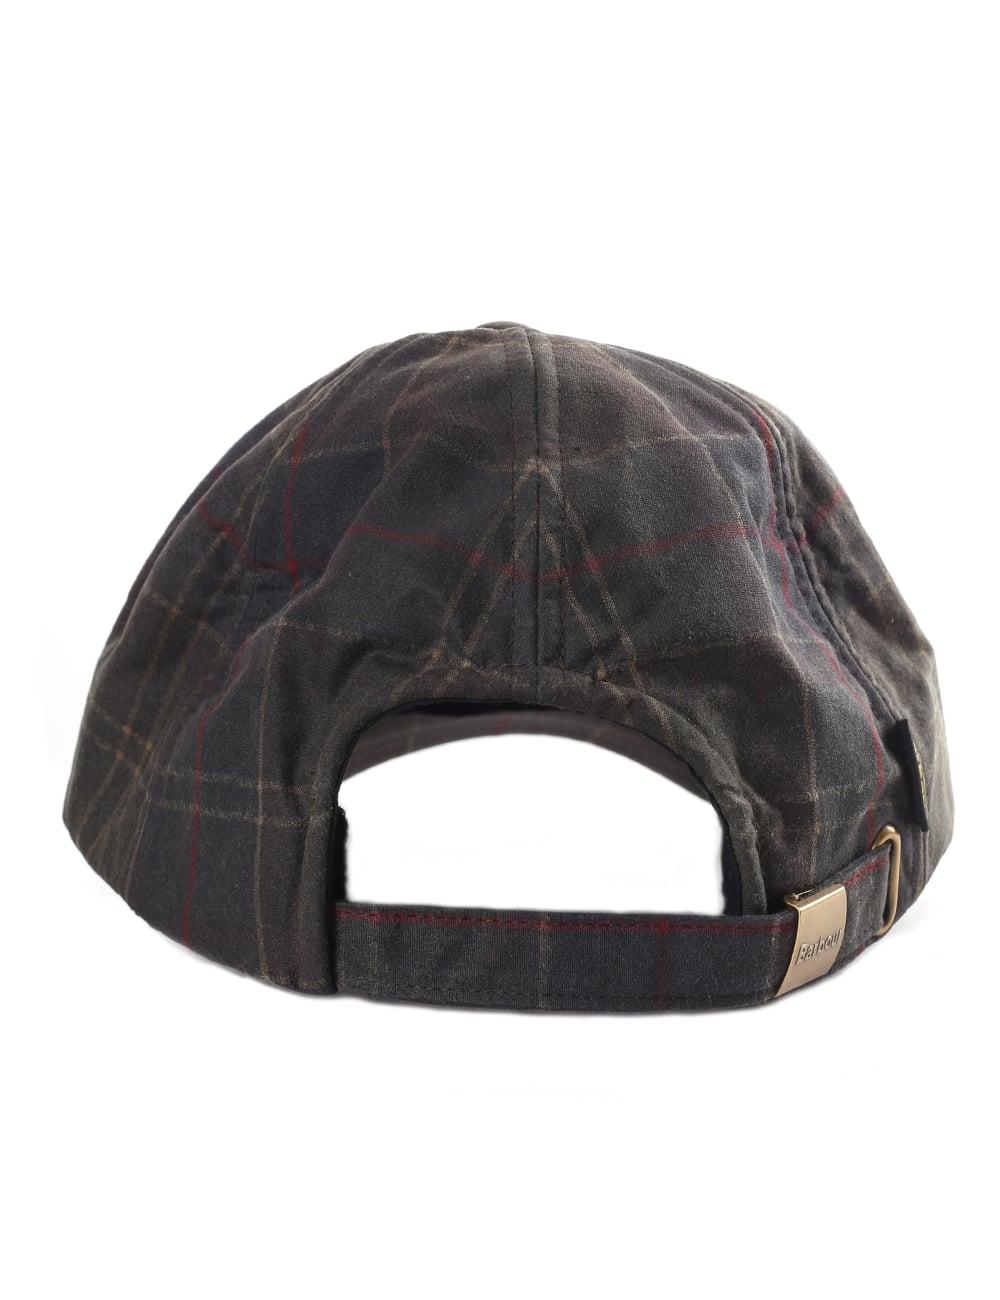 f592b4d0052b8 Barbour Tartan Men's Wax Sports Cap